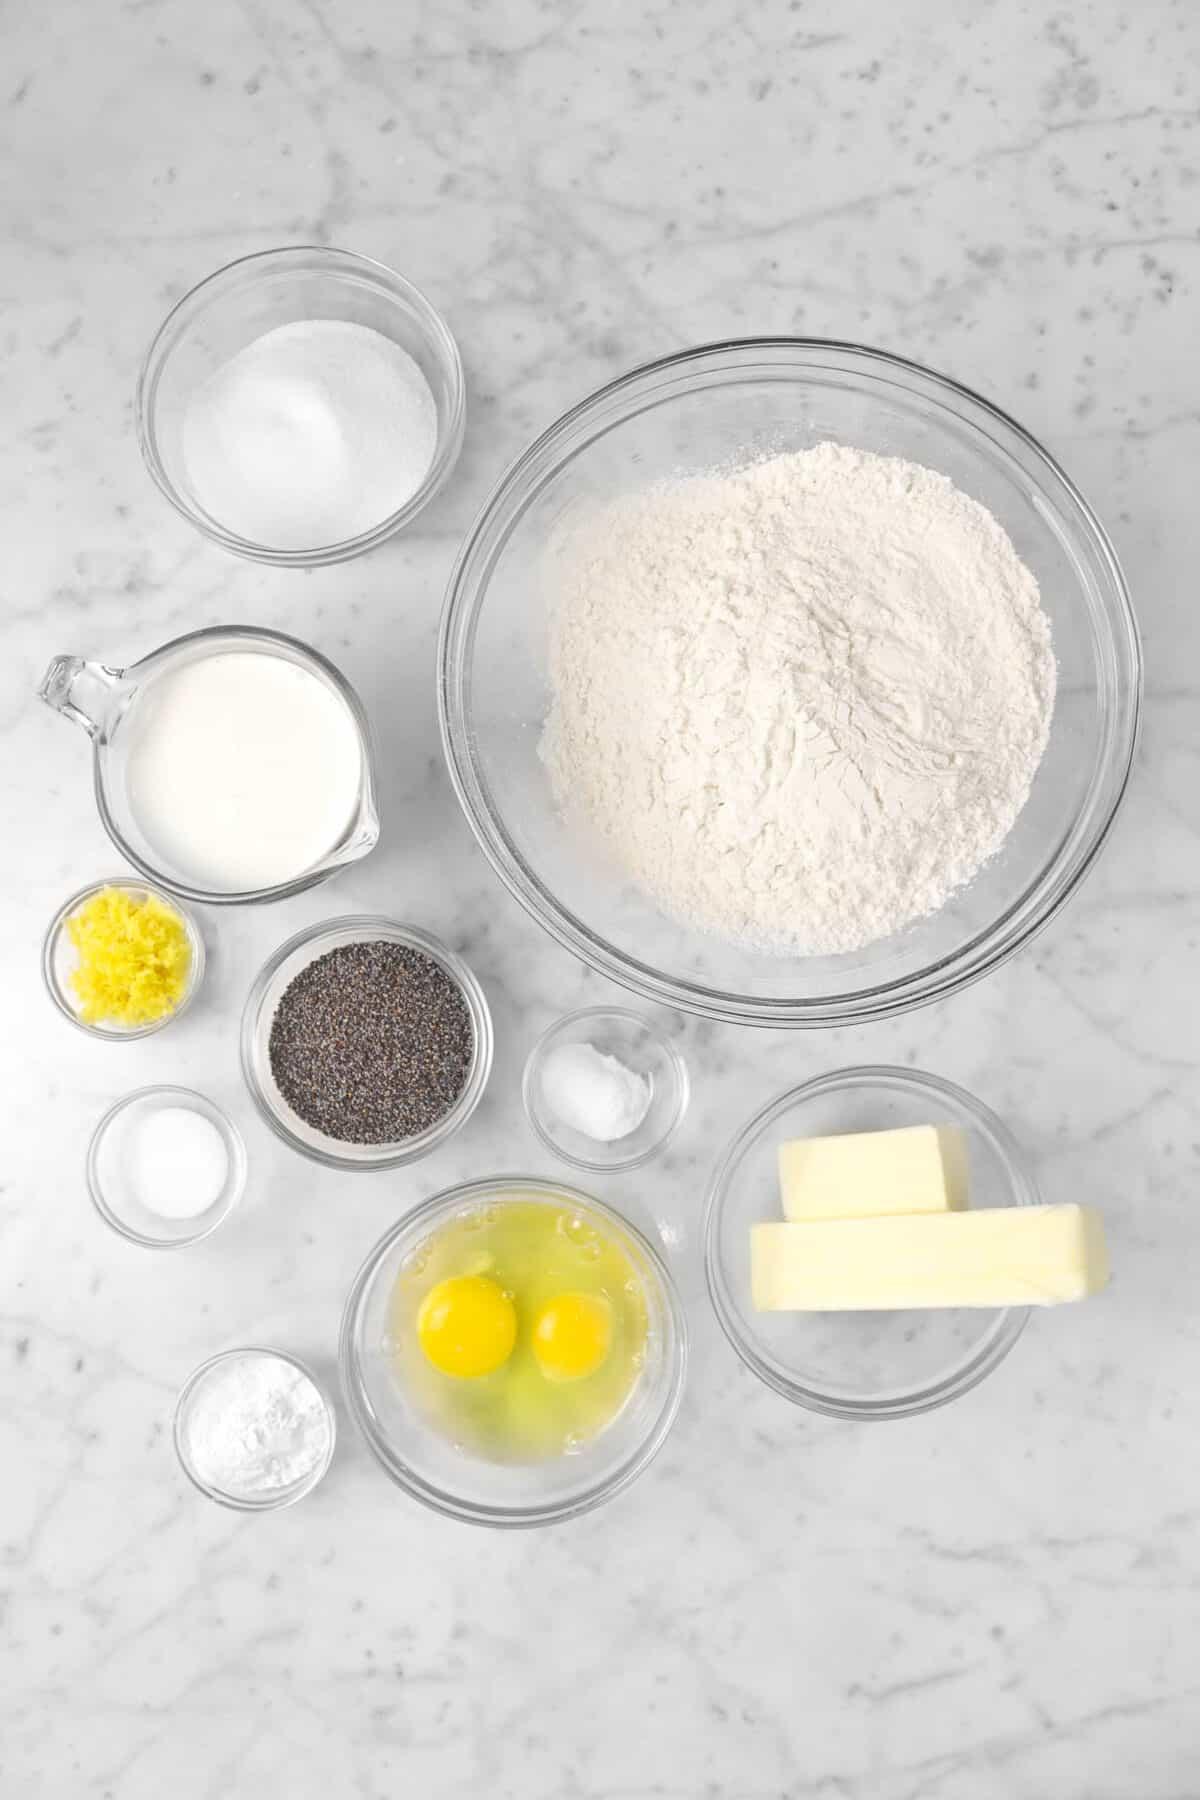 flour, butter, eggs, baking soda, baking powder, poppyseeds, salt, milk, lemon rind, and sugar in glass bowls